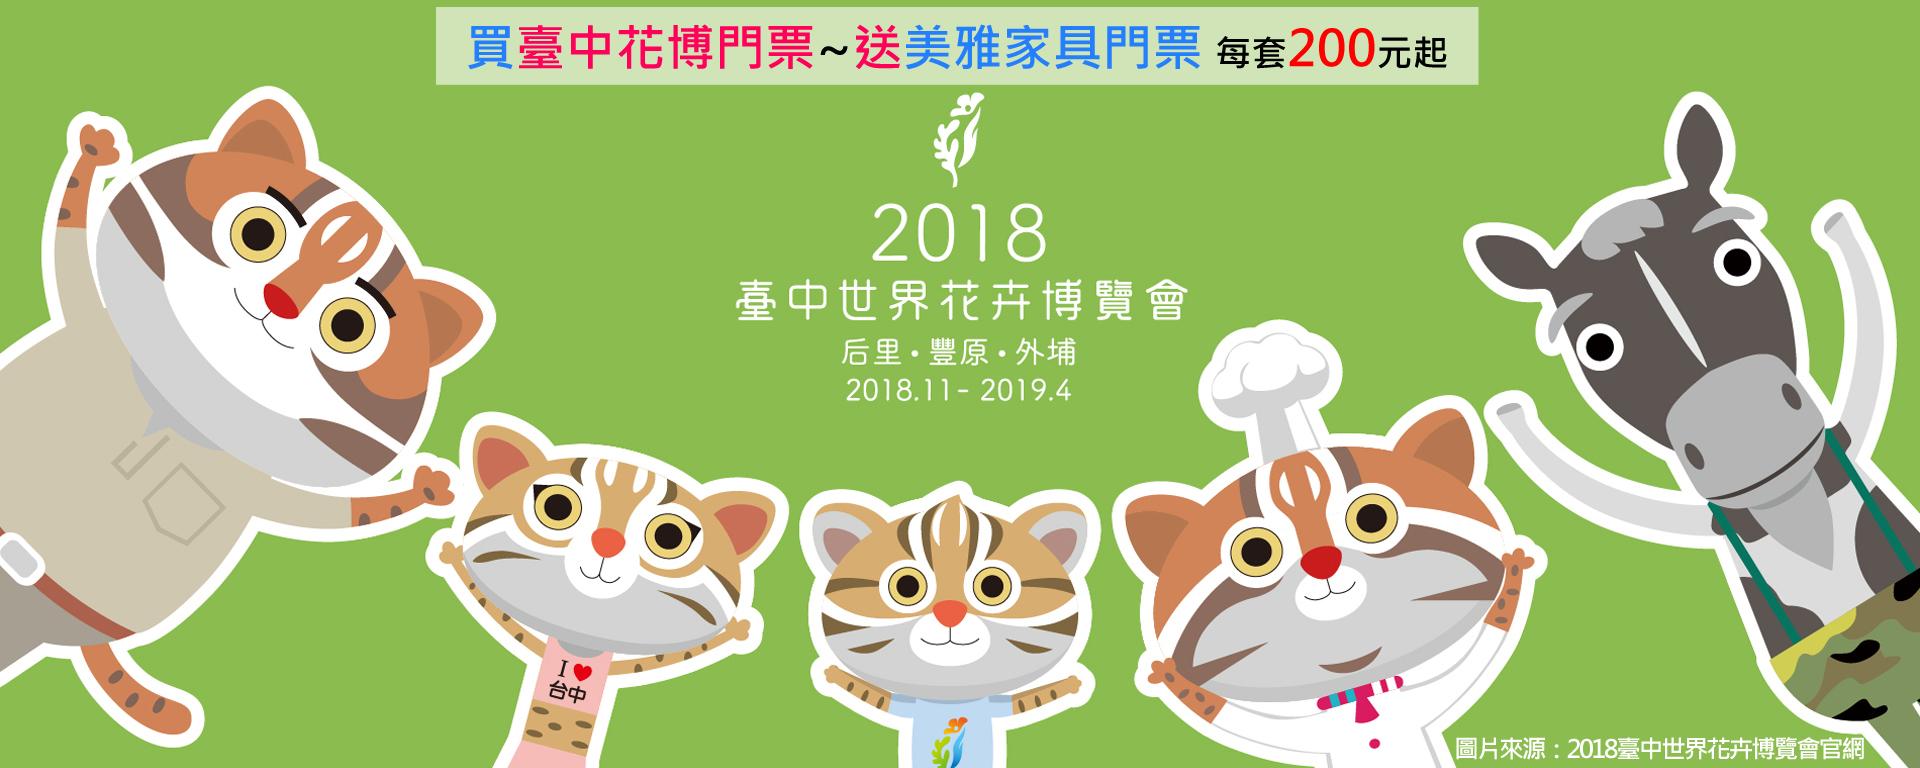 臺中世界花卉博覽會,花博優惠,台中花博